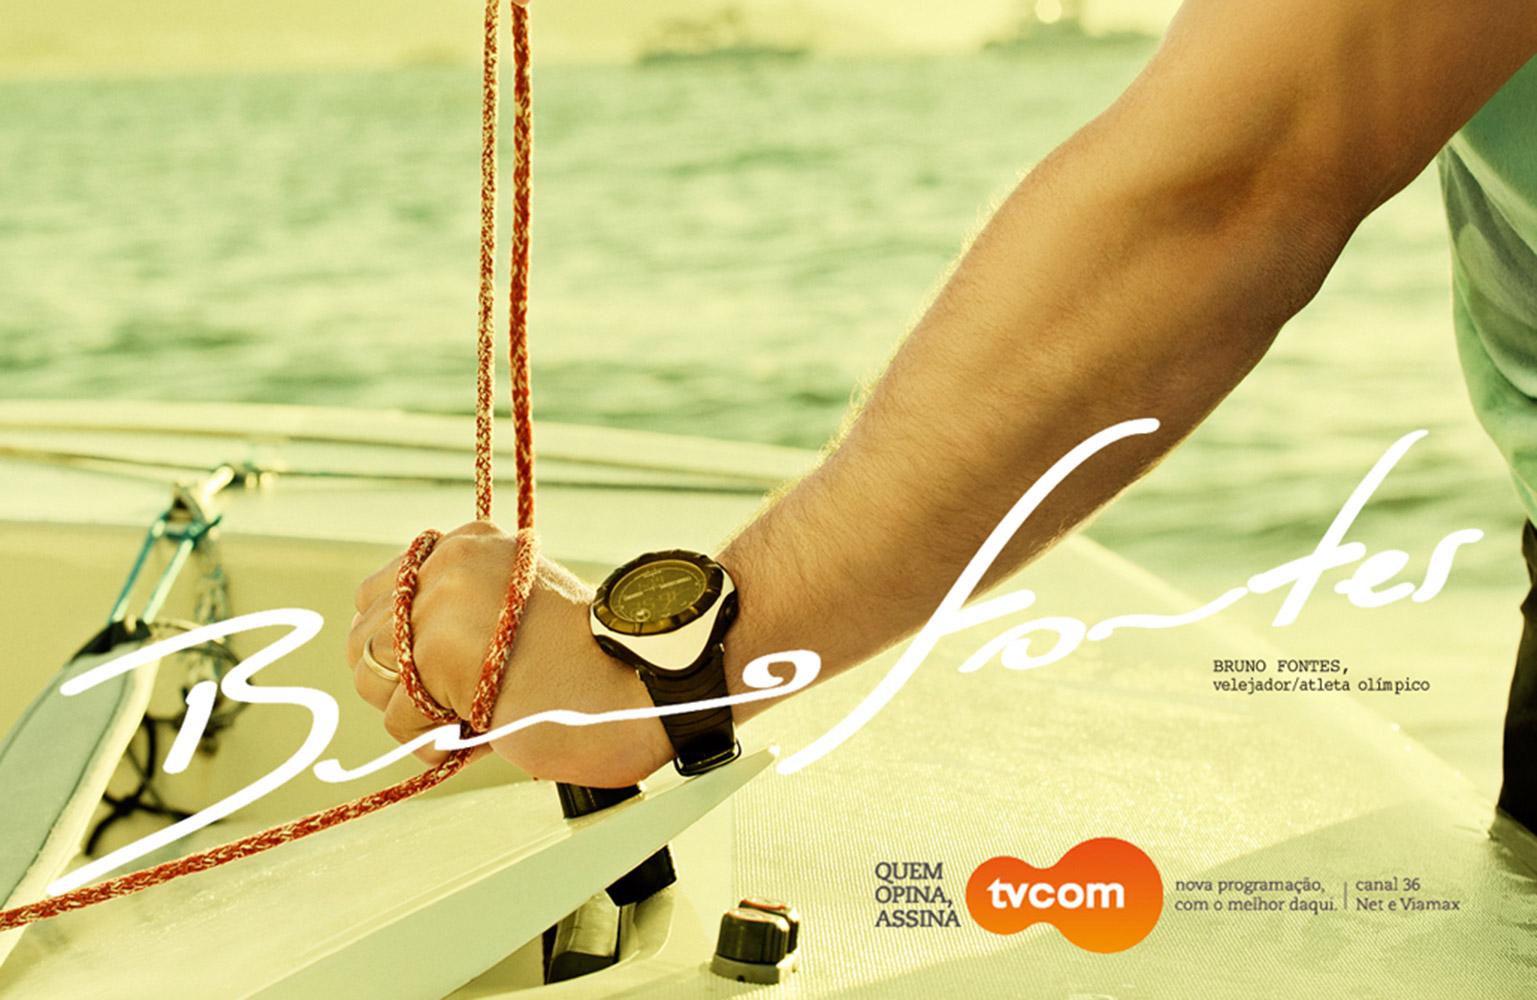 TVCOM-Bruno_Fontes